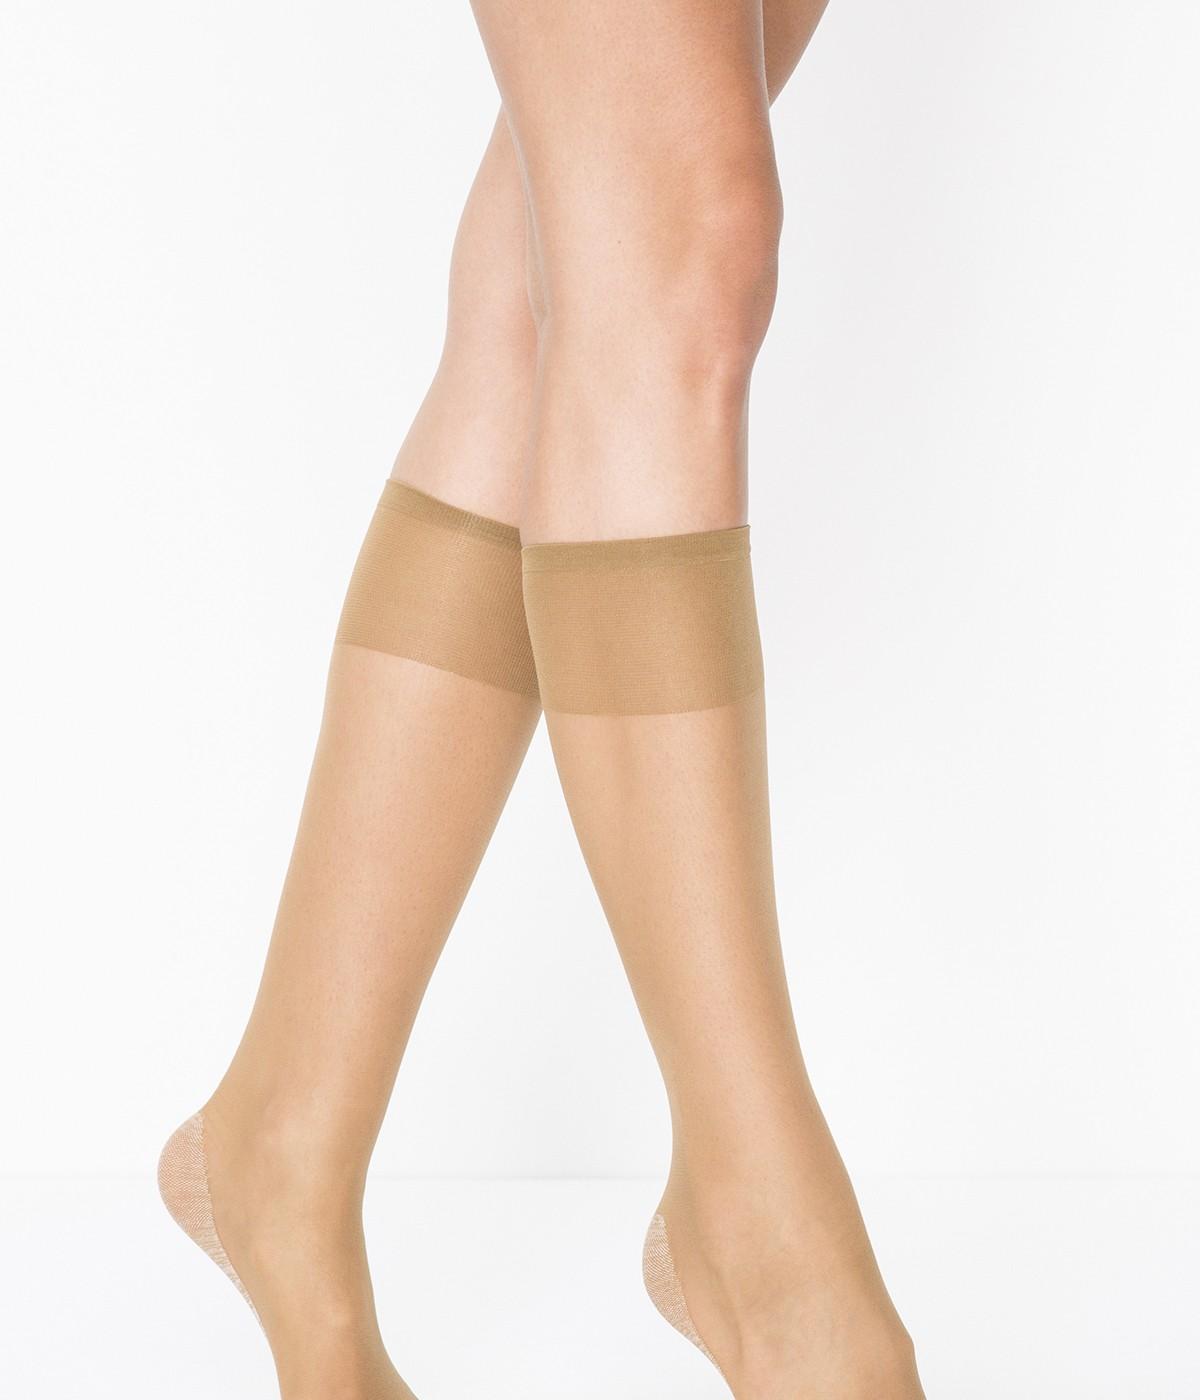 Ciorapi pentru pantalon Confort